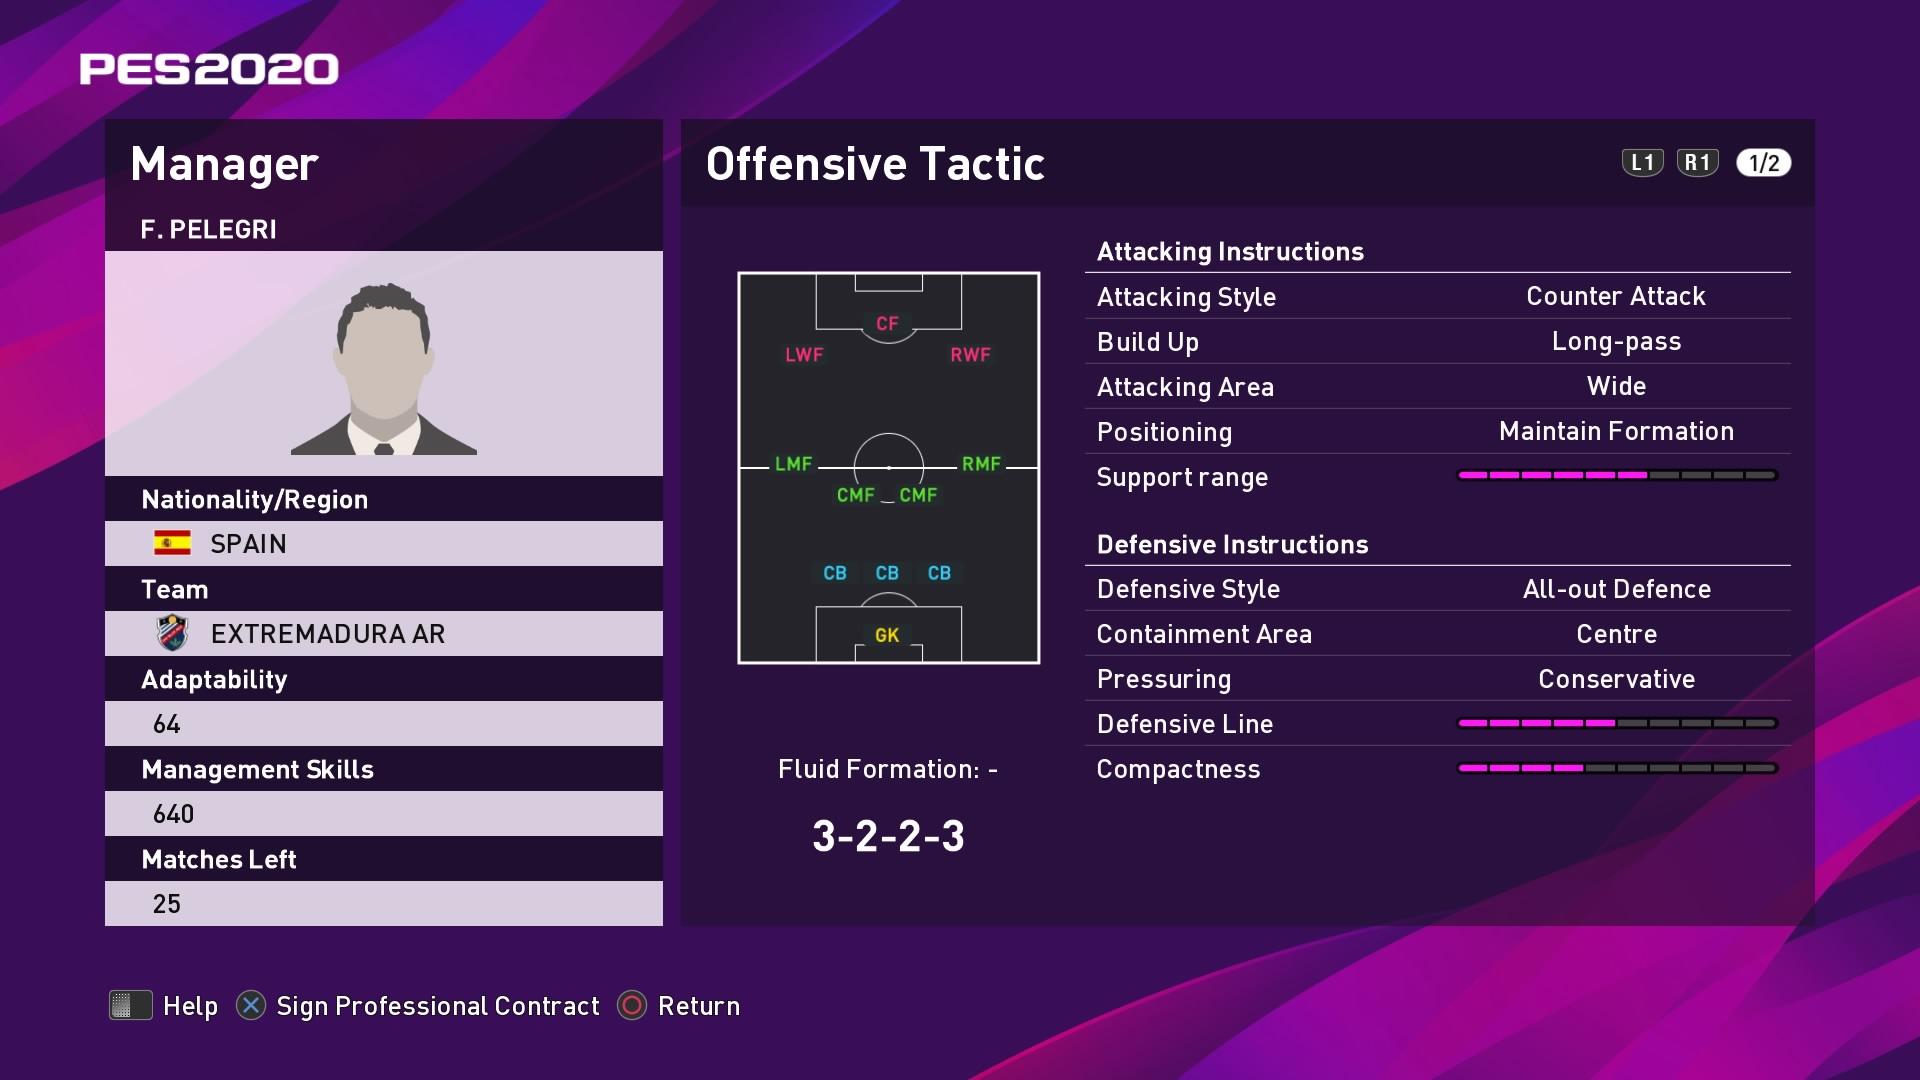 F. Pelegri (Manuel Bastida) Offensive Tactic in PES 2020 myClub